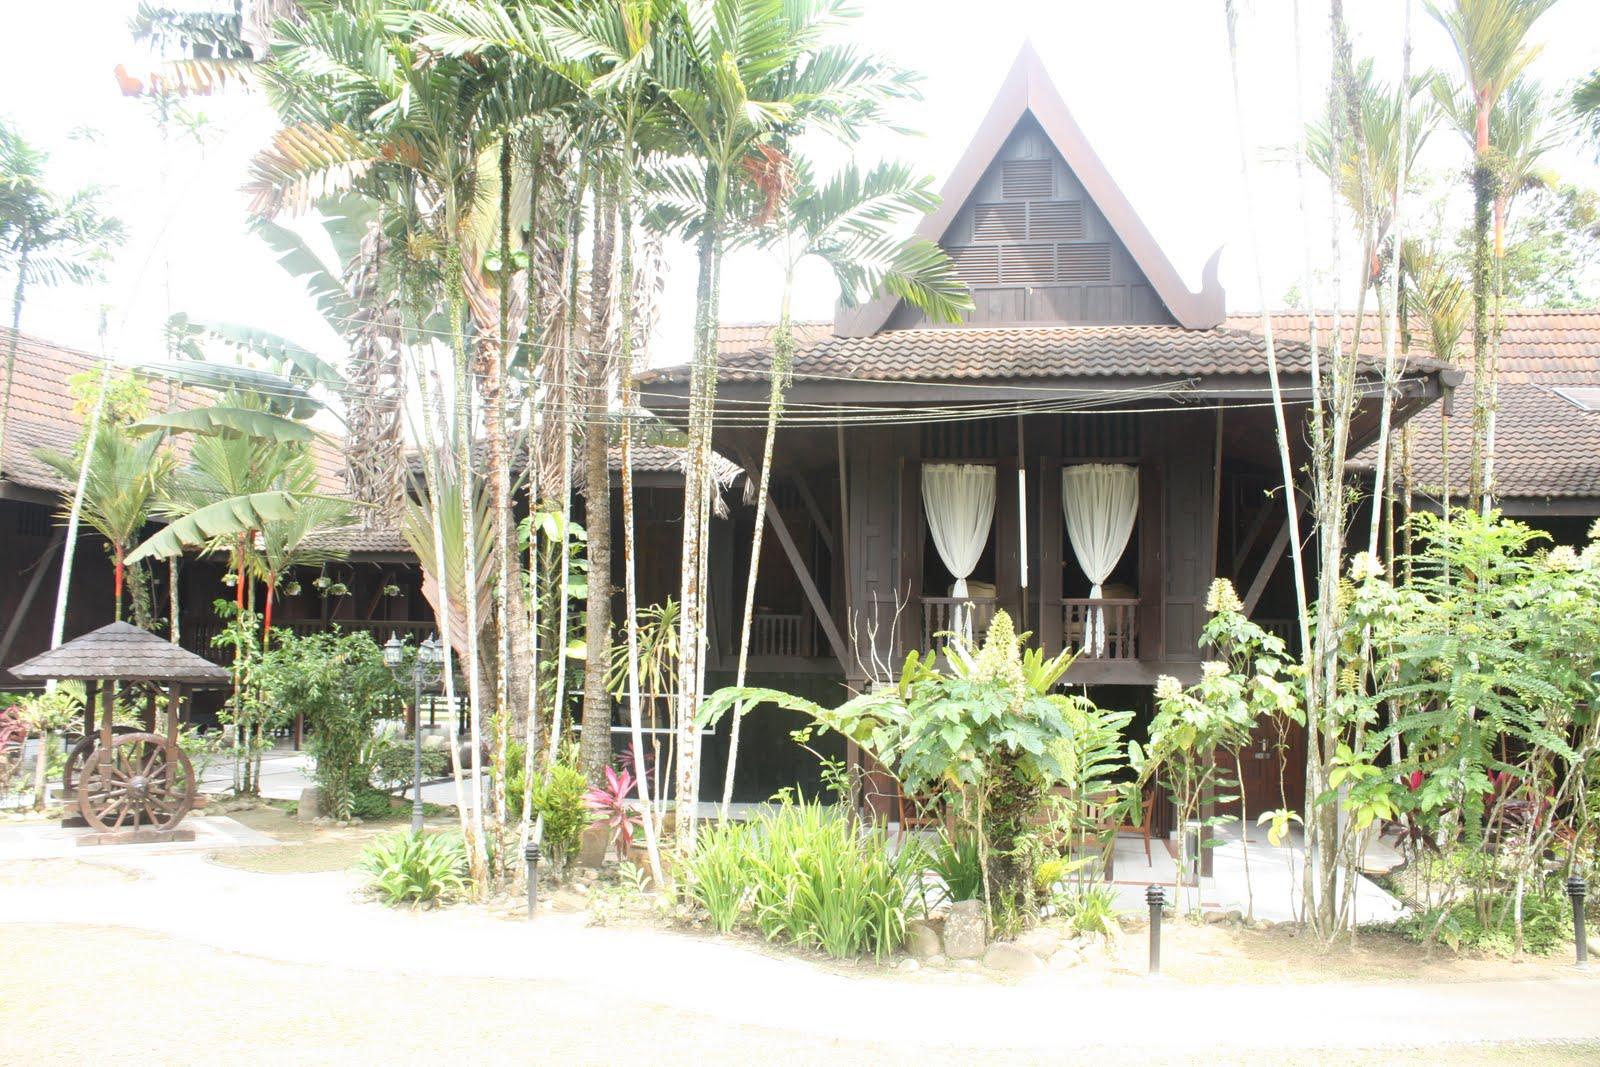 Gambar atas dan bawah: Rumah tradisional Melayu berbumbung V terbalik